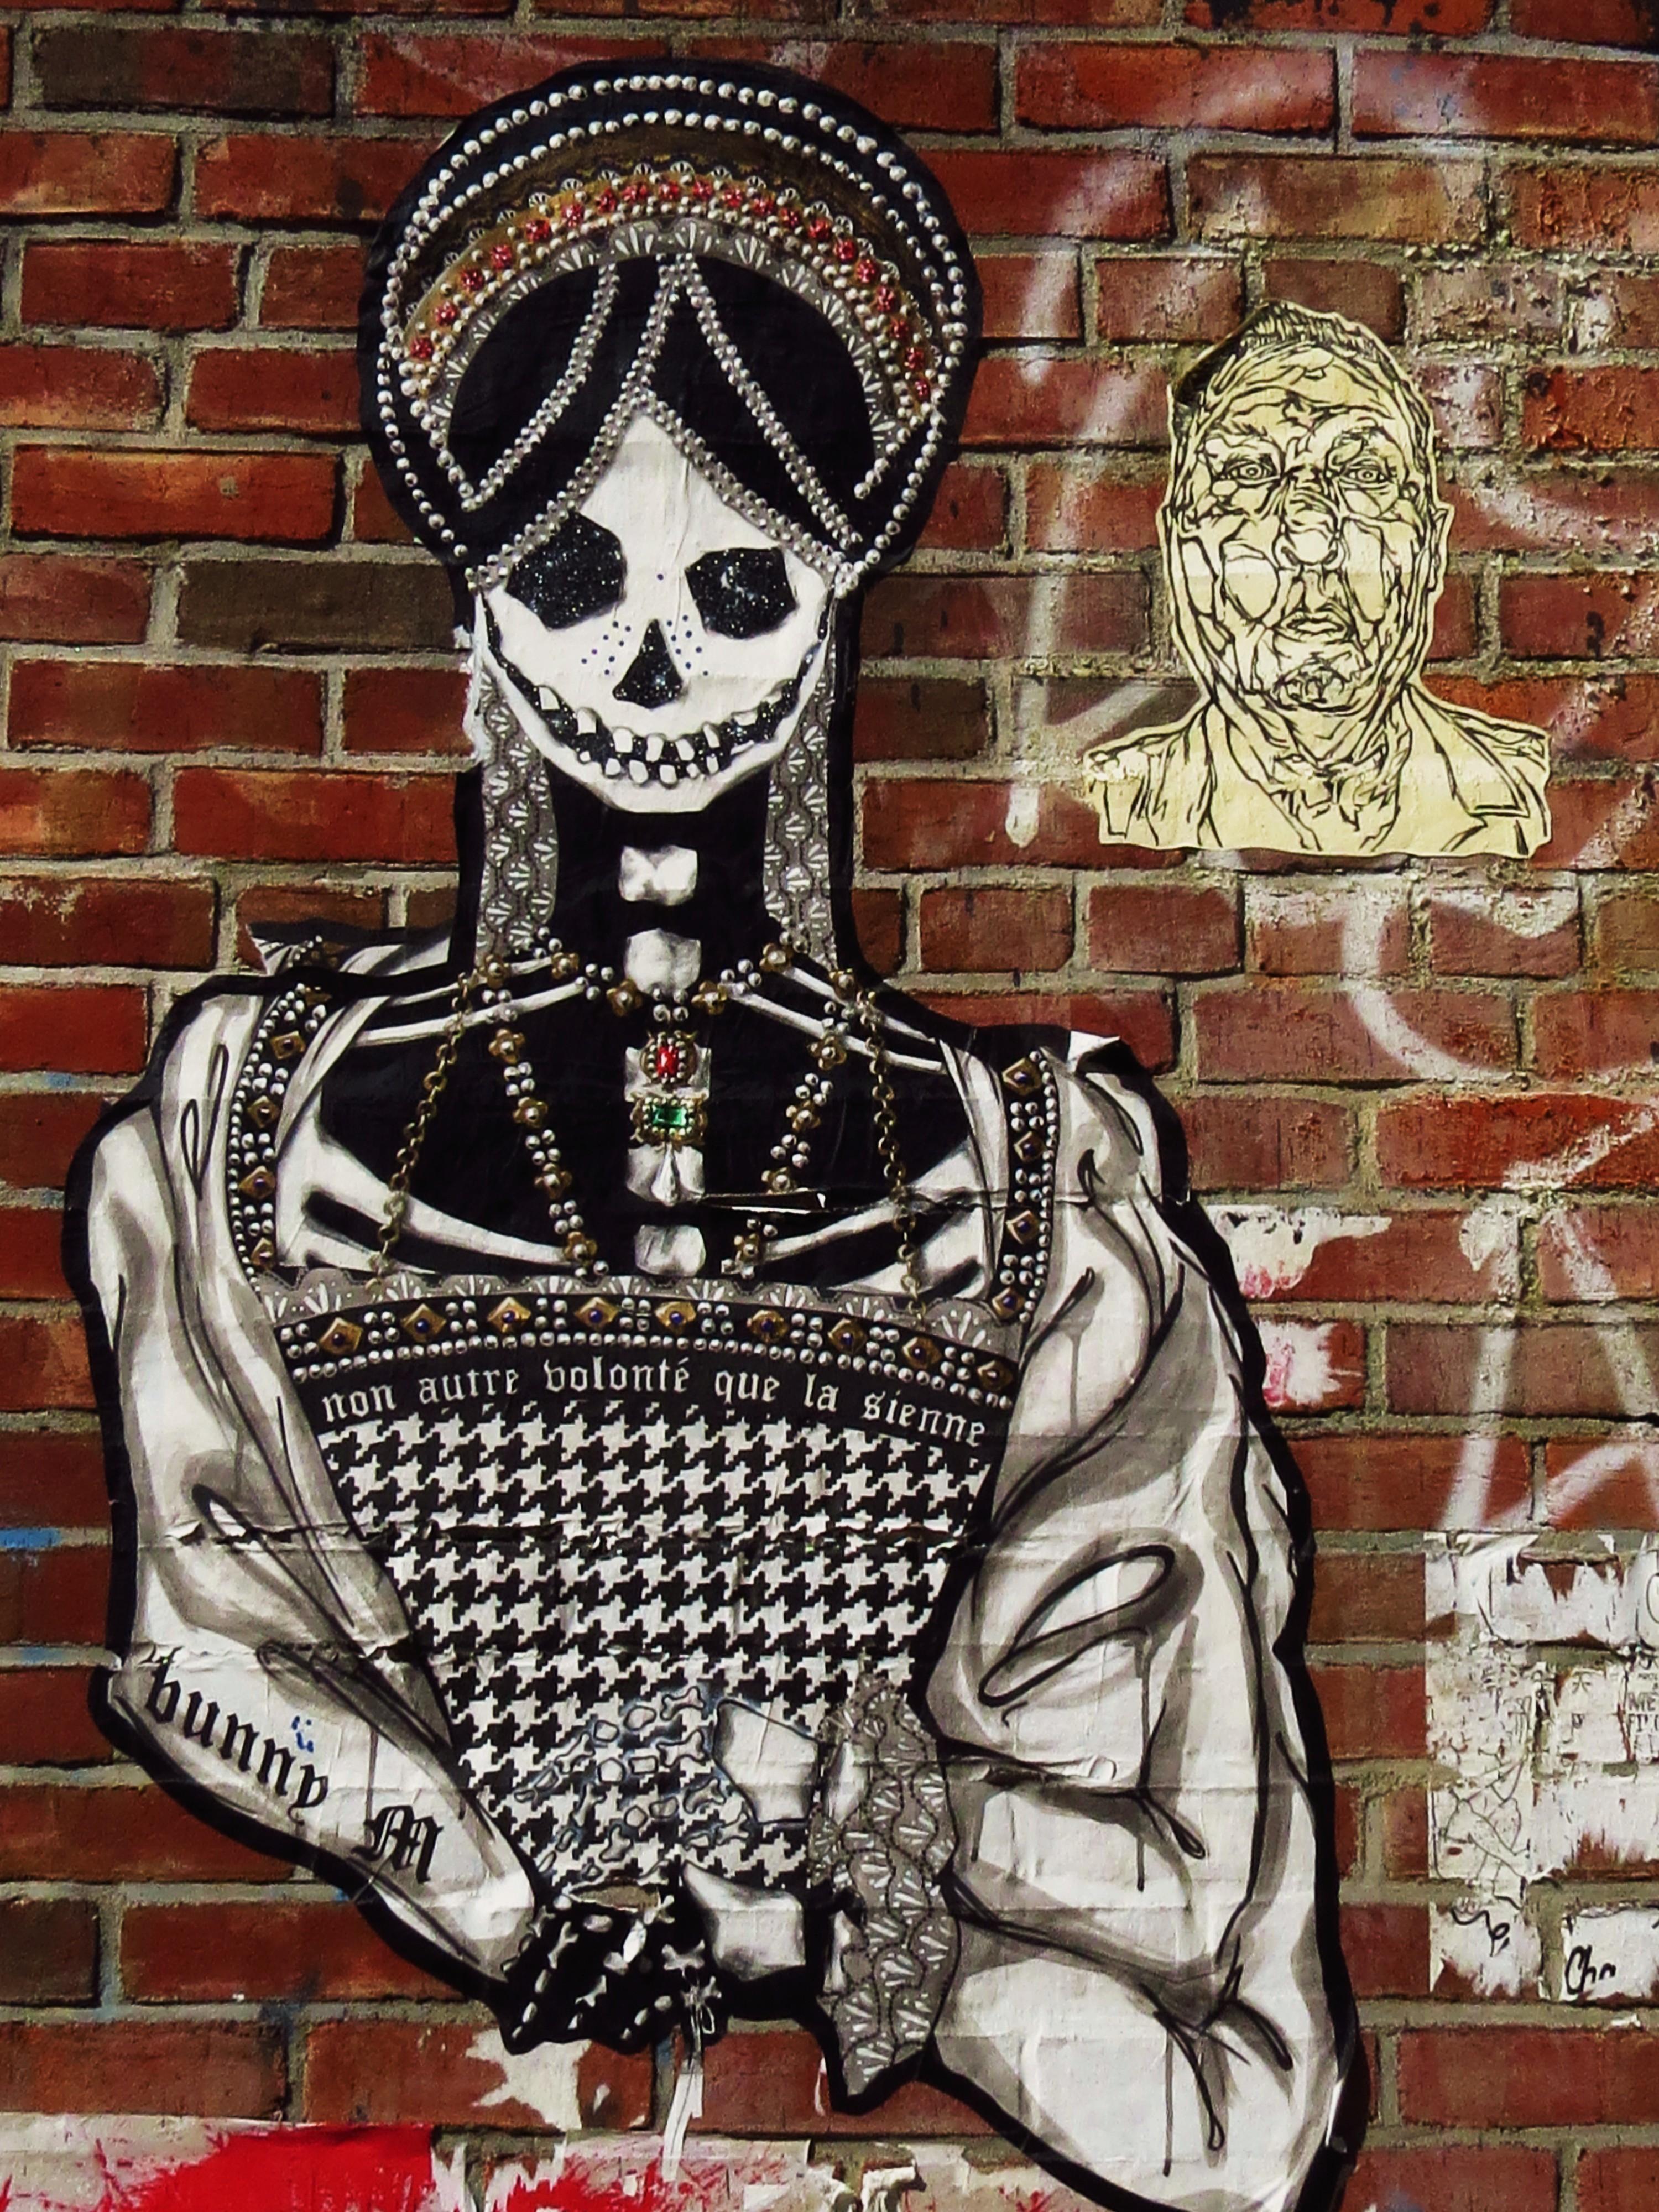 N.Y.C. PASTE-UP GRAFFITI: CATHERINE HOWARD & FRIENDS ...